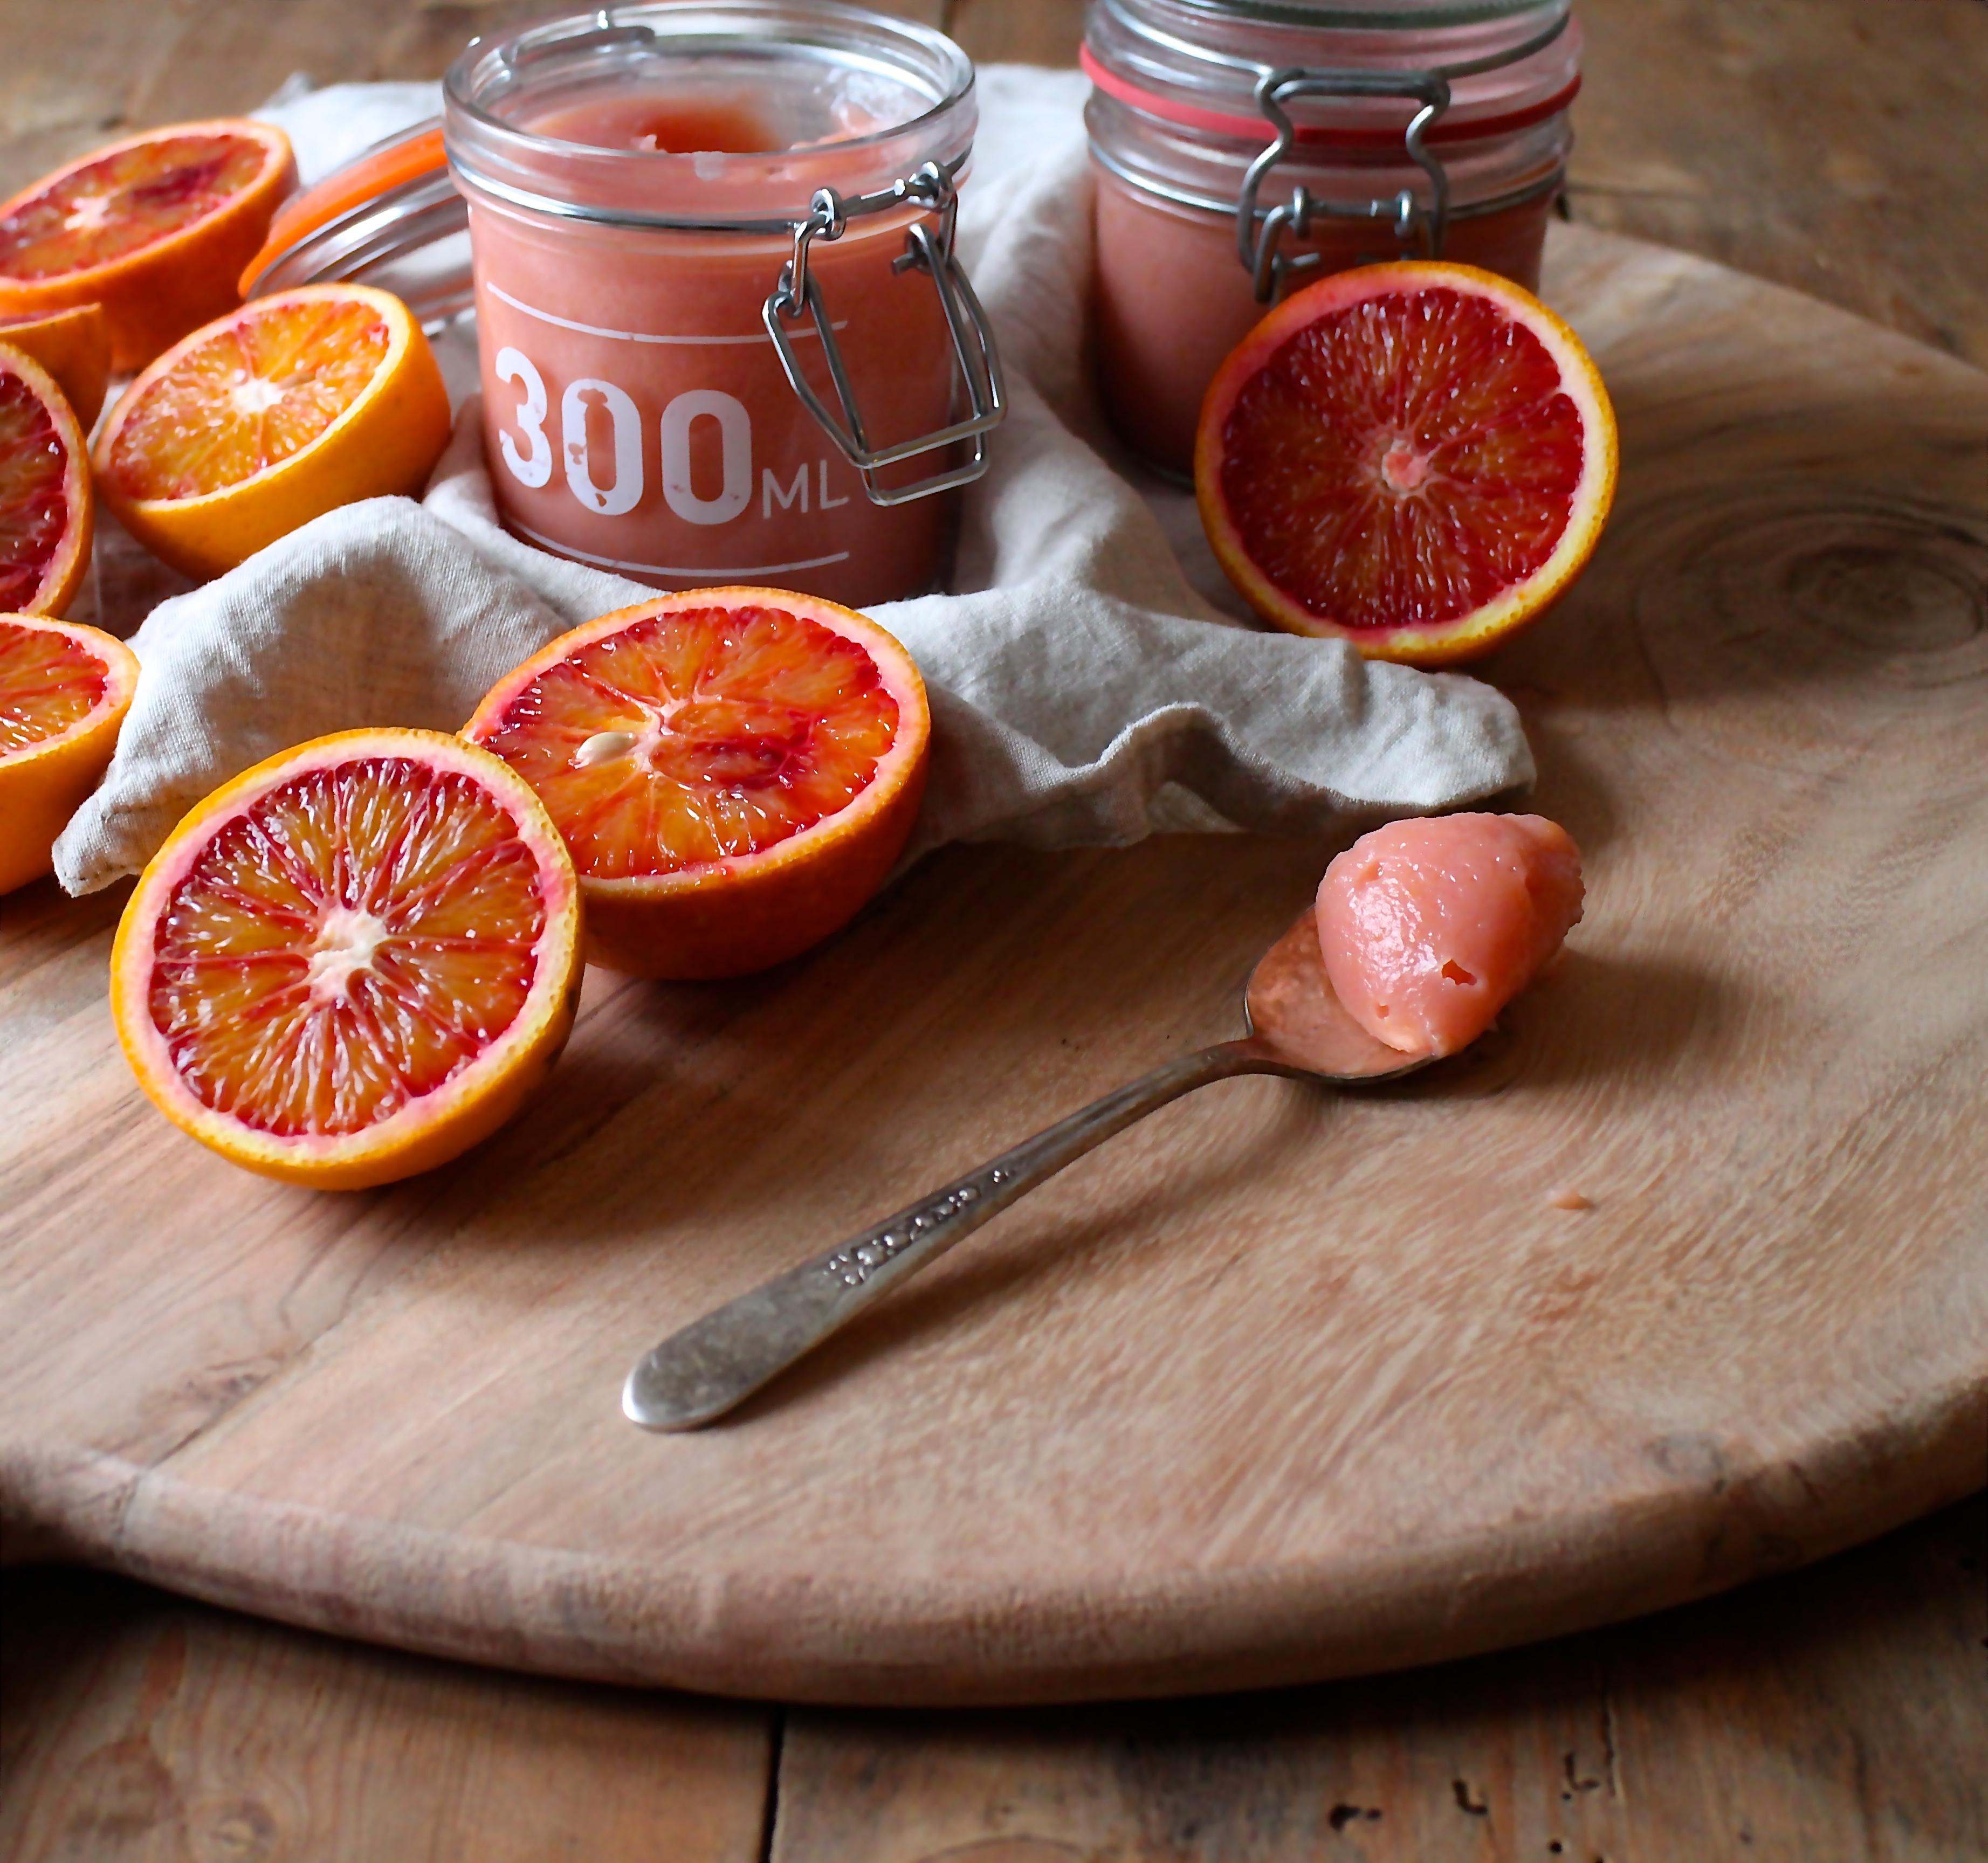 Blodappelsin curd/Blood orange curd - Sabrina Hørup